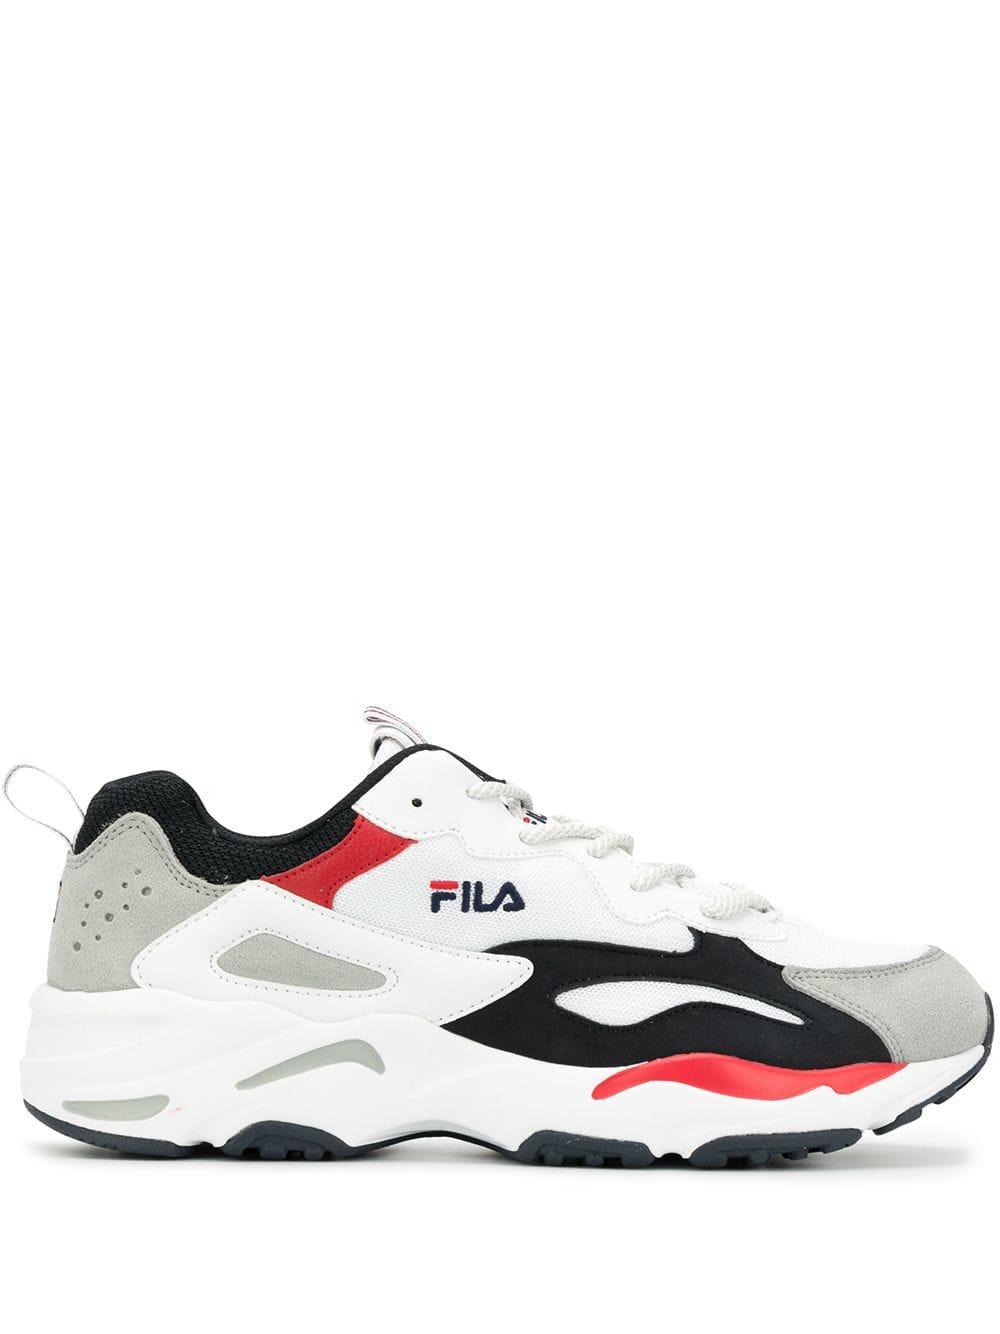 FILA FILA RAY TRACER SNEAKERS WEIß. #fila #shoes | Fila in